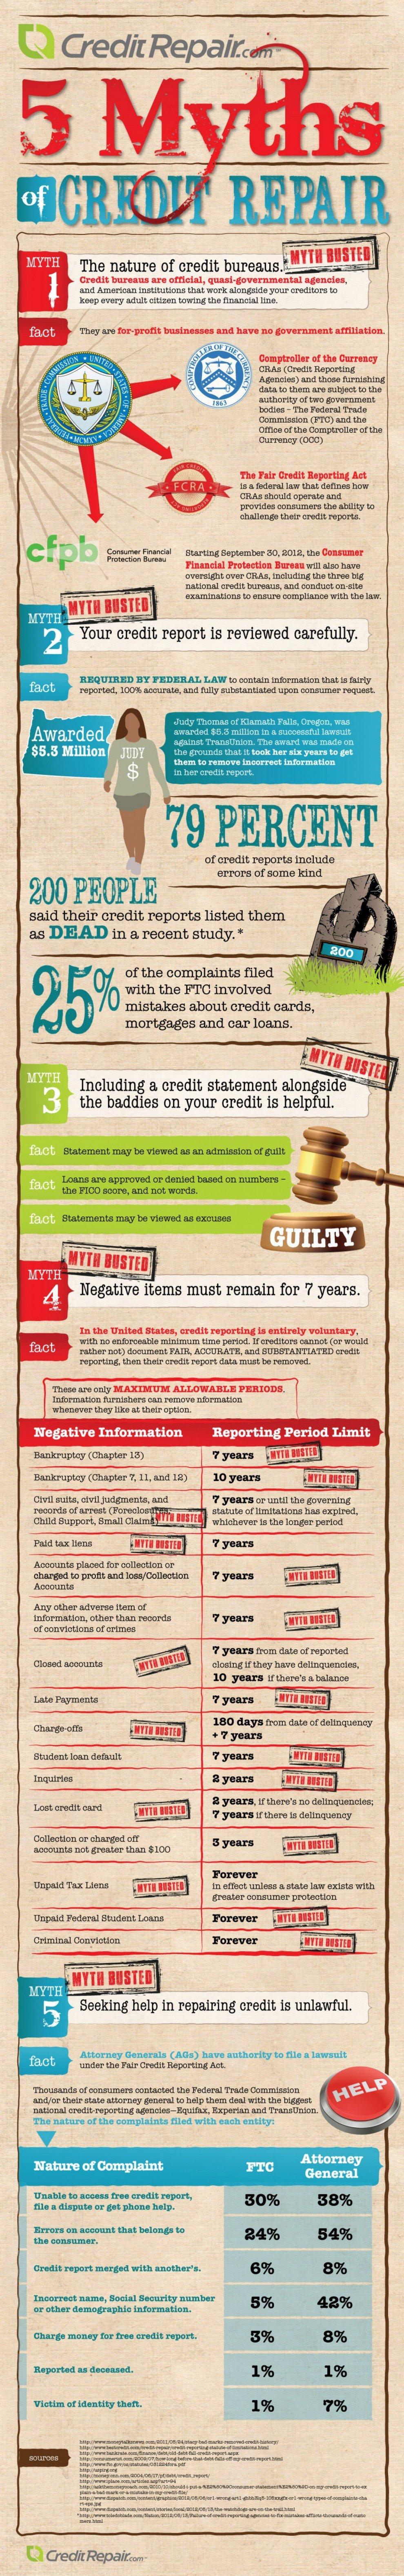 5-myths-of-credit-repair-3